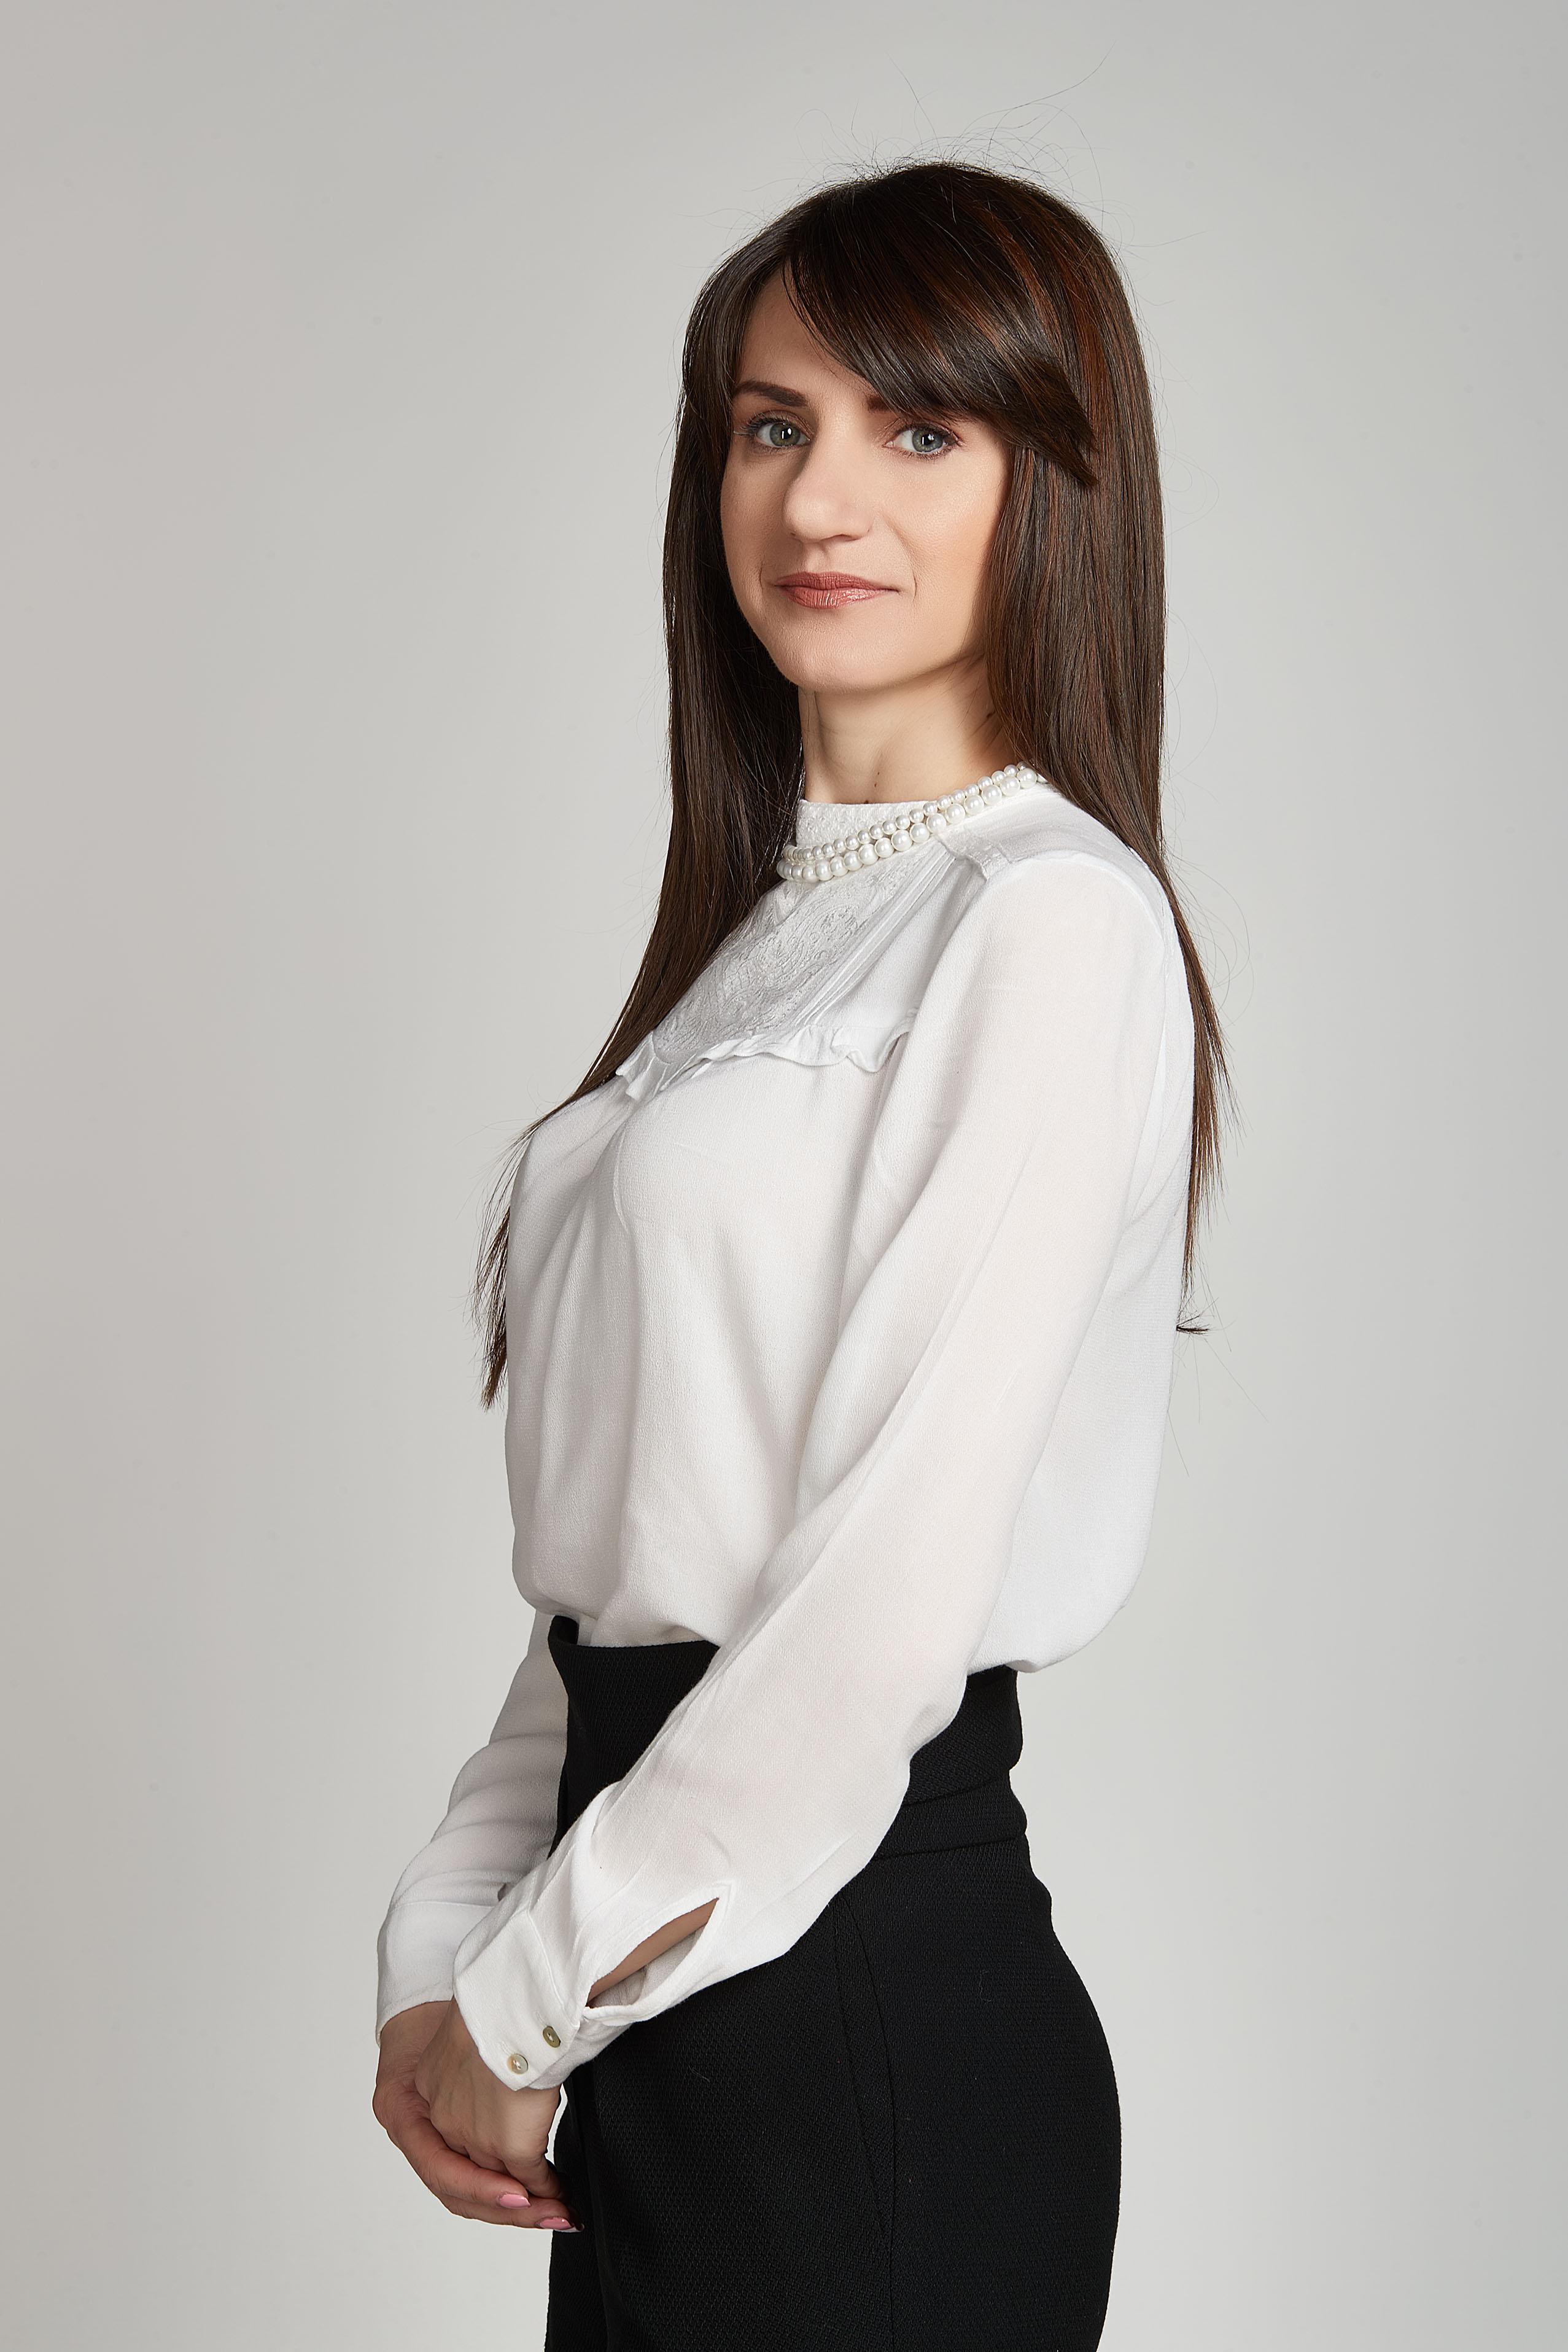 Надя Драгомирова